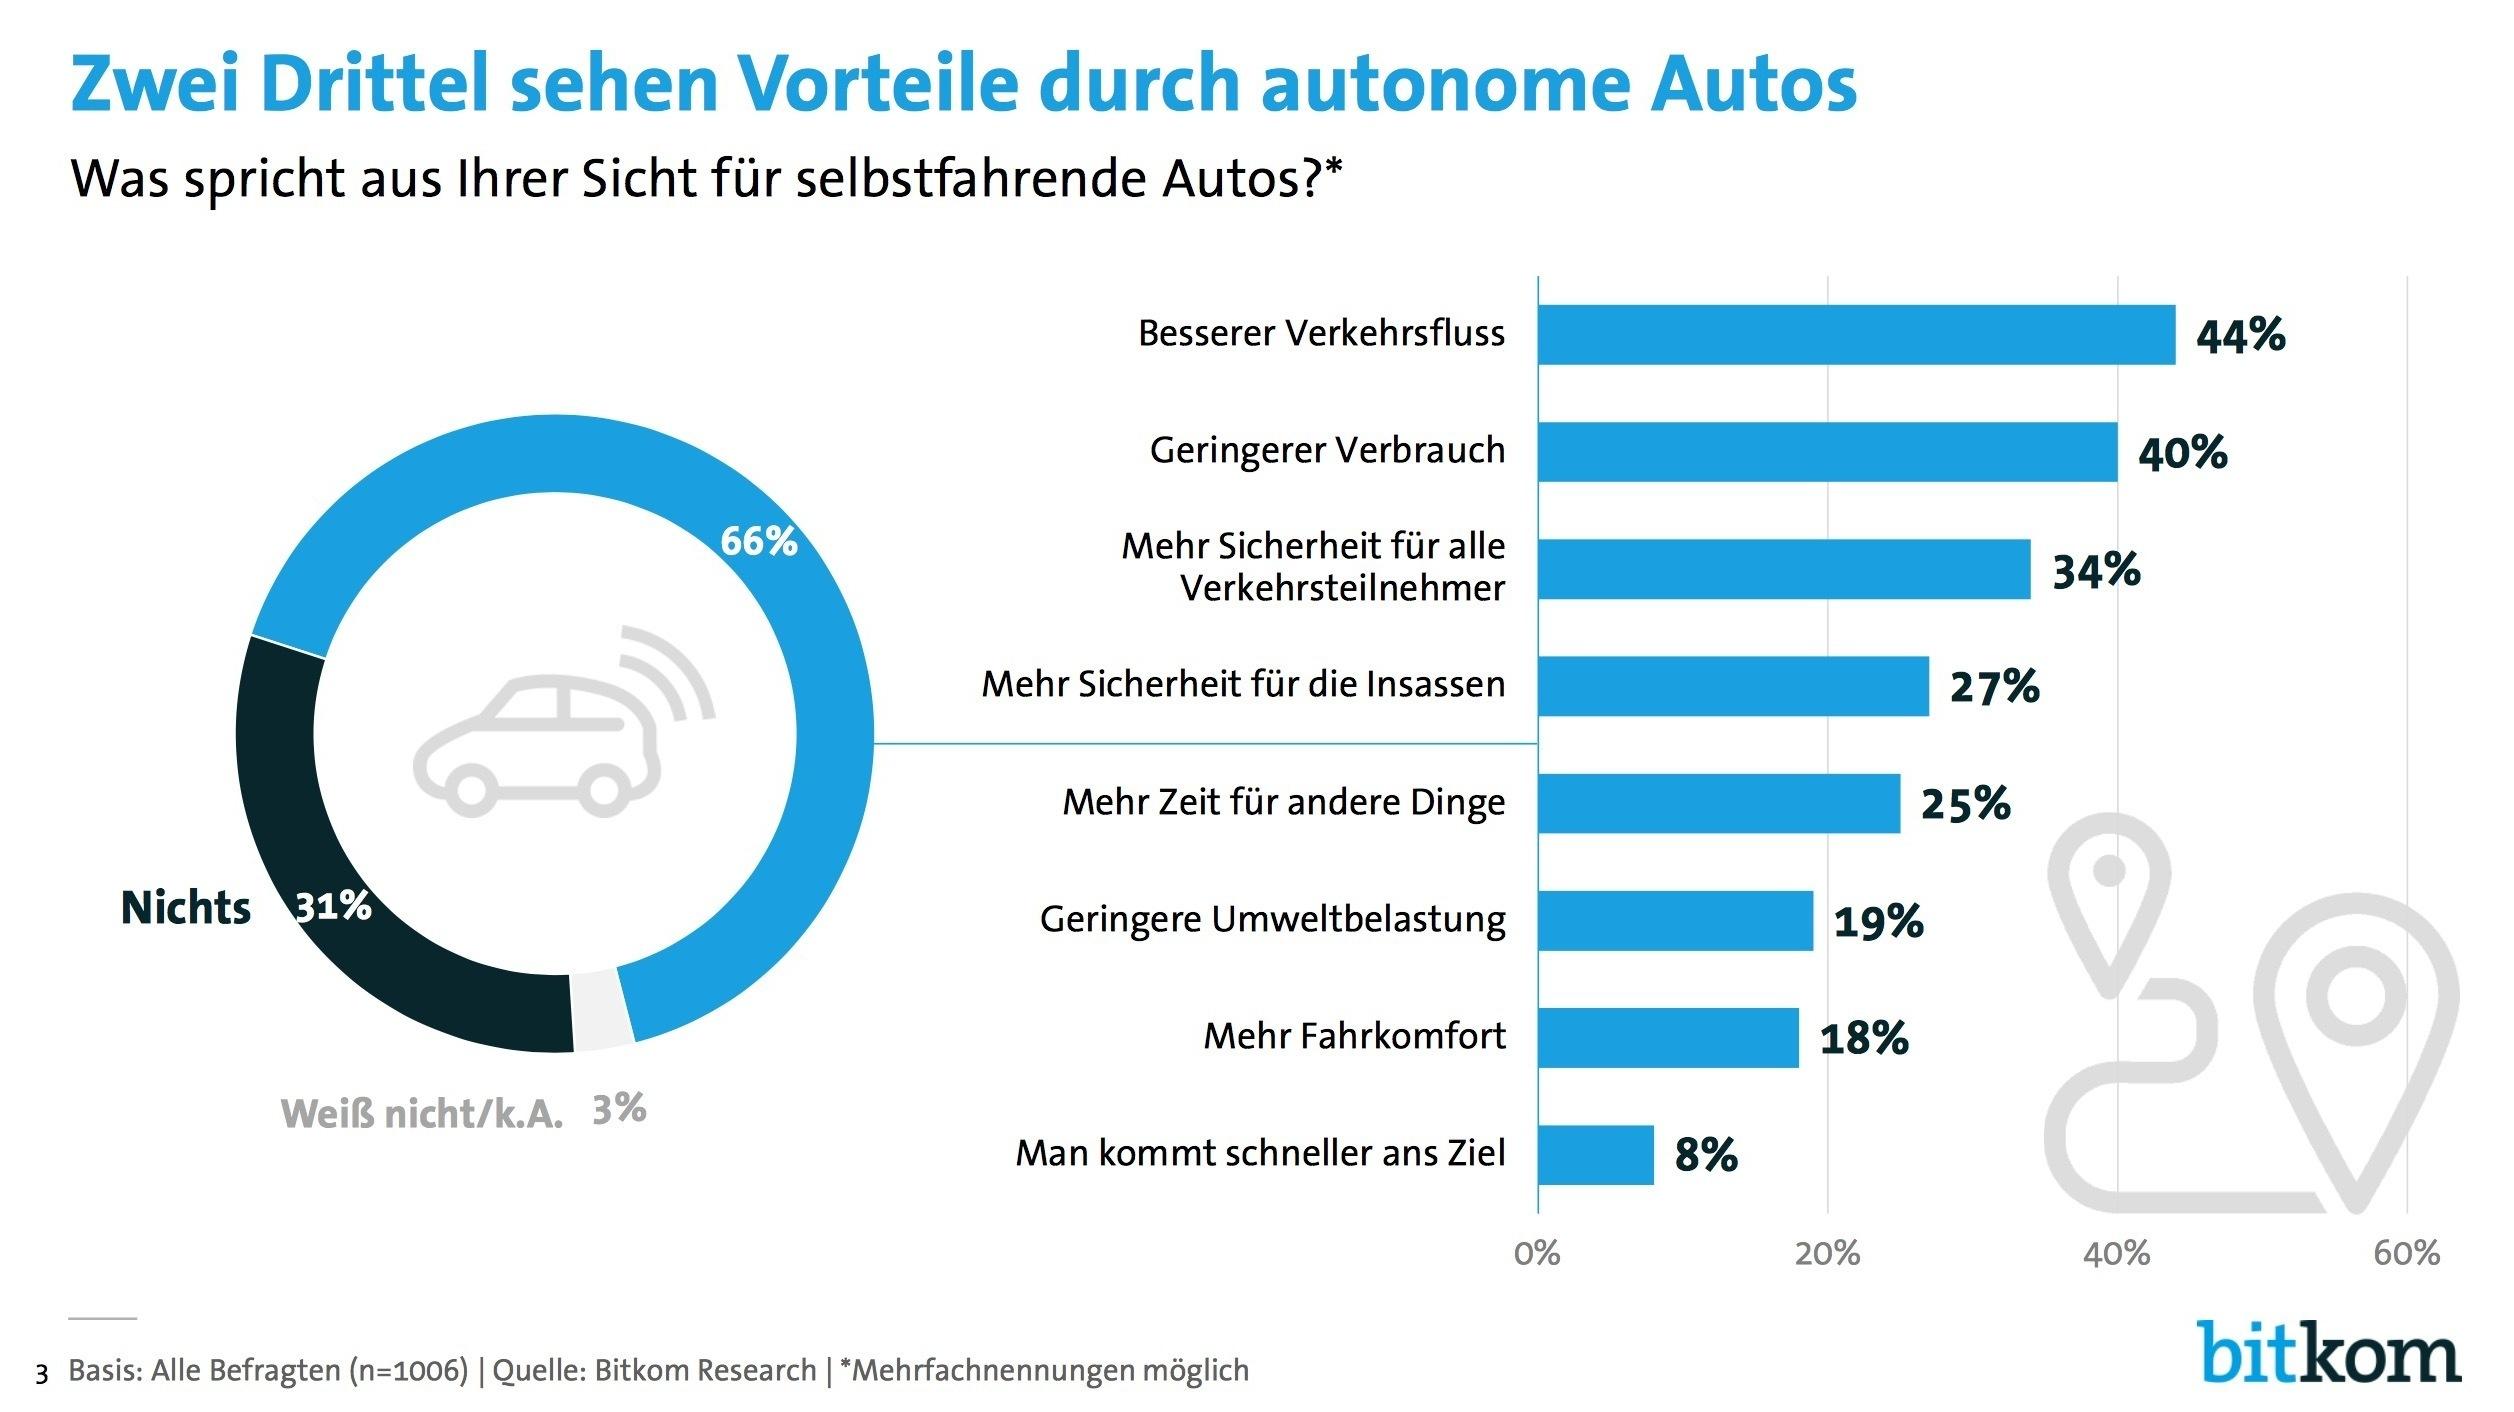 umfrage deutsche w rden sich mit autonomen autos kutschieren lassen und auf eigenen pkw. Black Bedroom Furniture Sets. Home Design Ideas